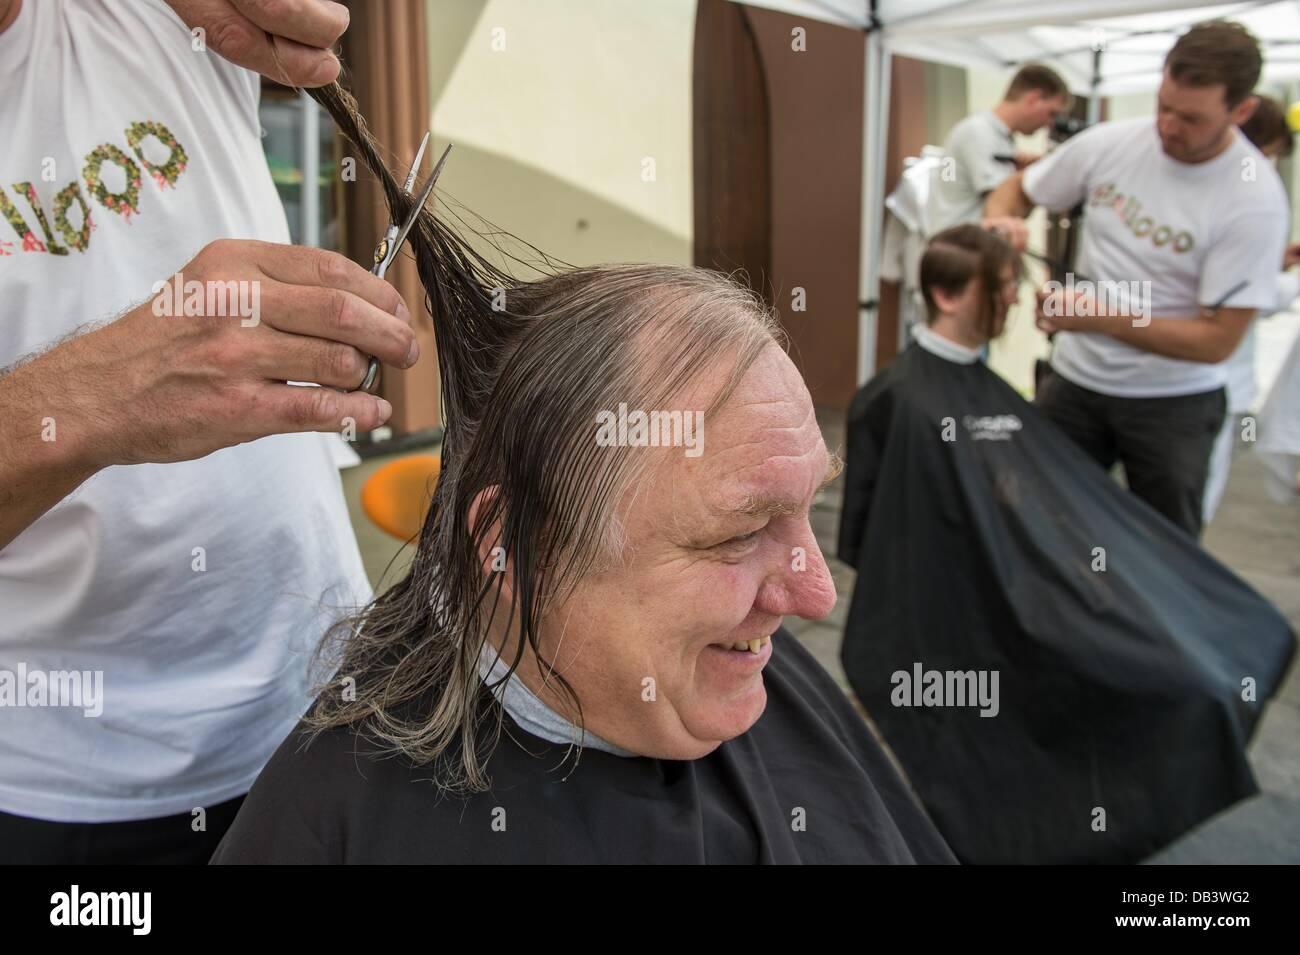 An actor in the Landshut Wedding gets his hair cut in Landshut